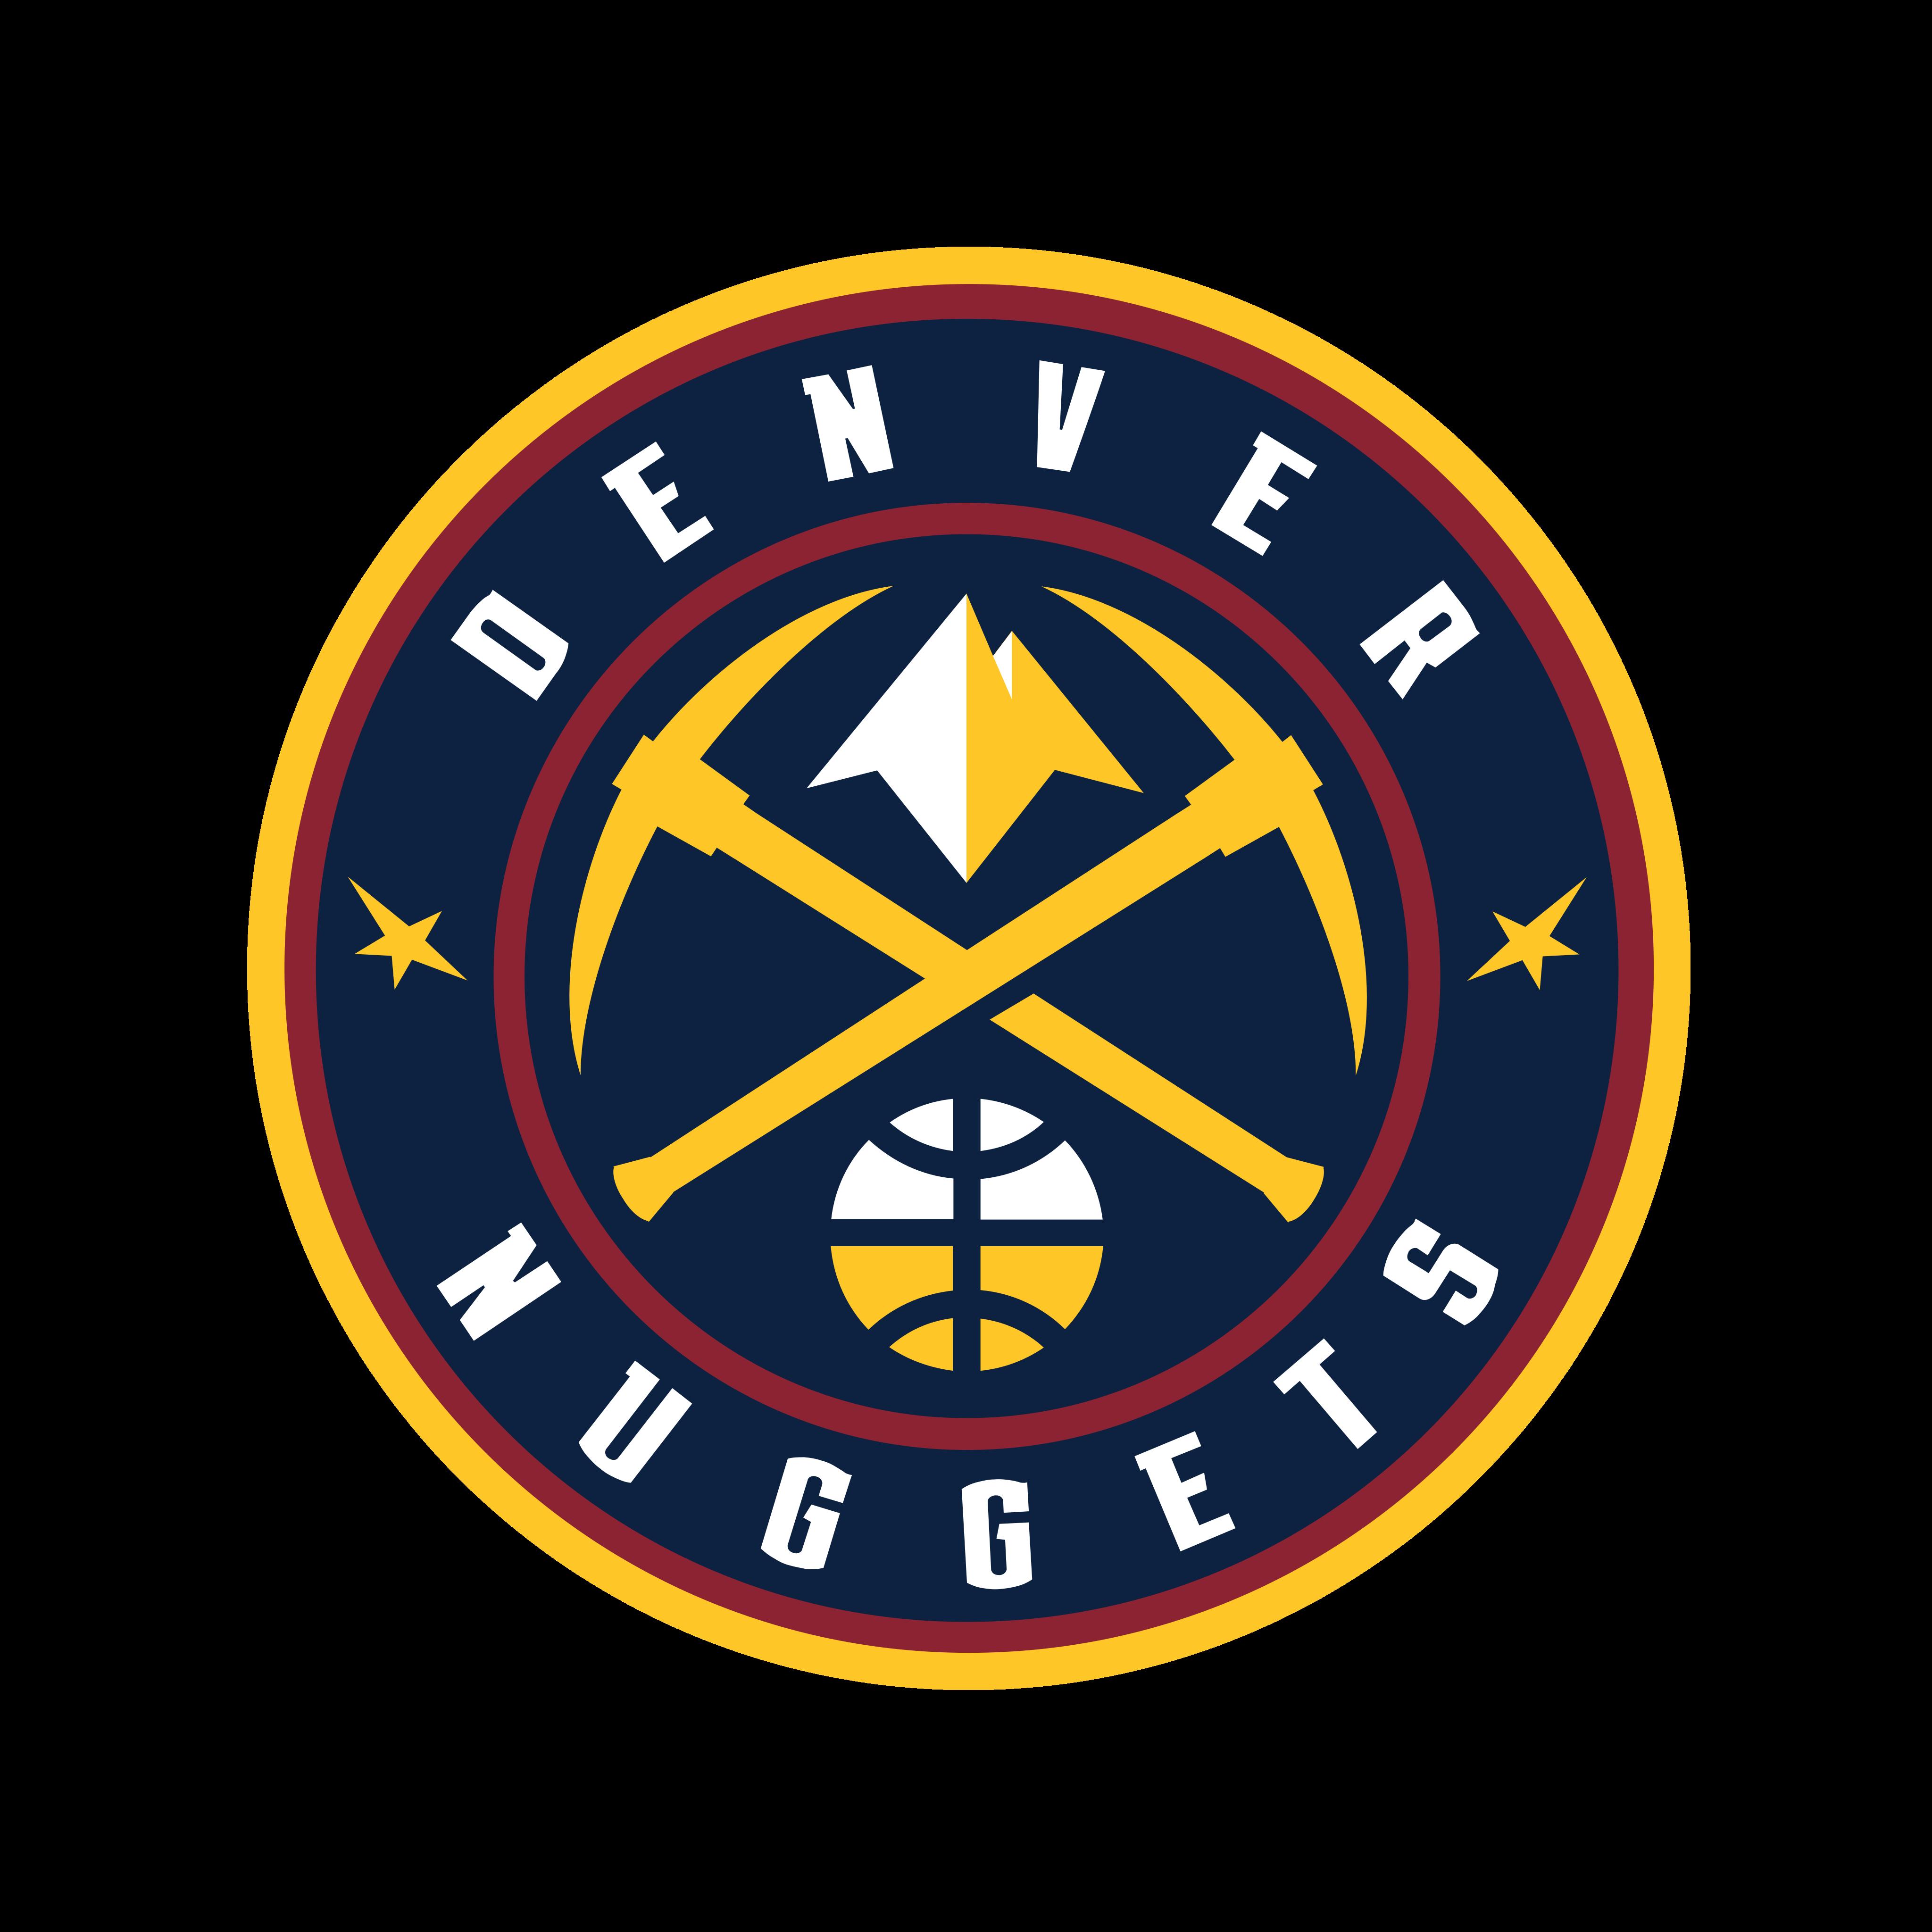 denver nuggets logo 0 - Denver Nuggets Logo